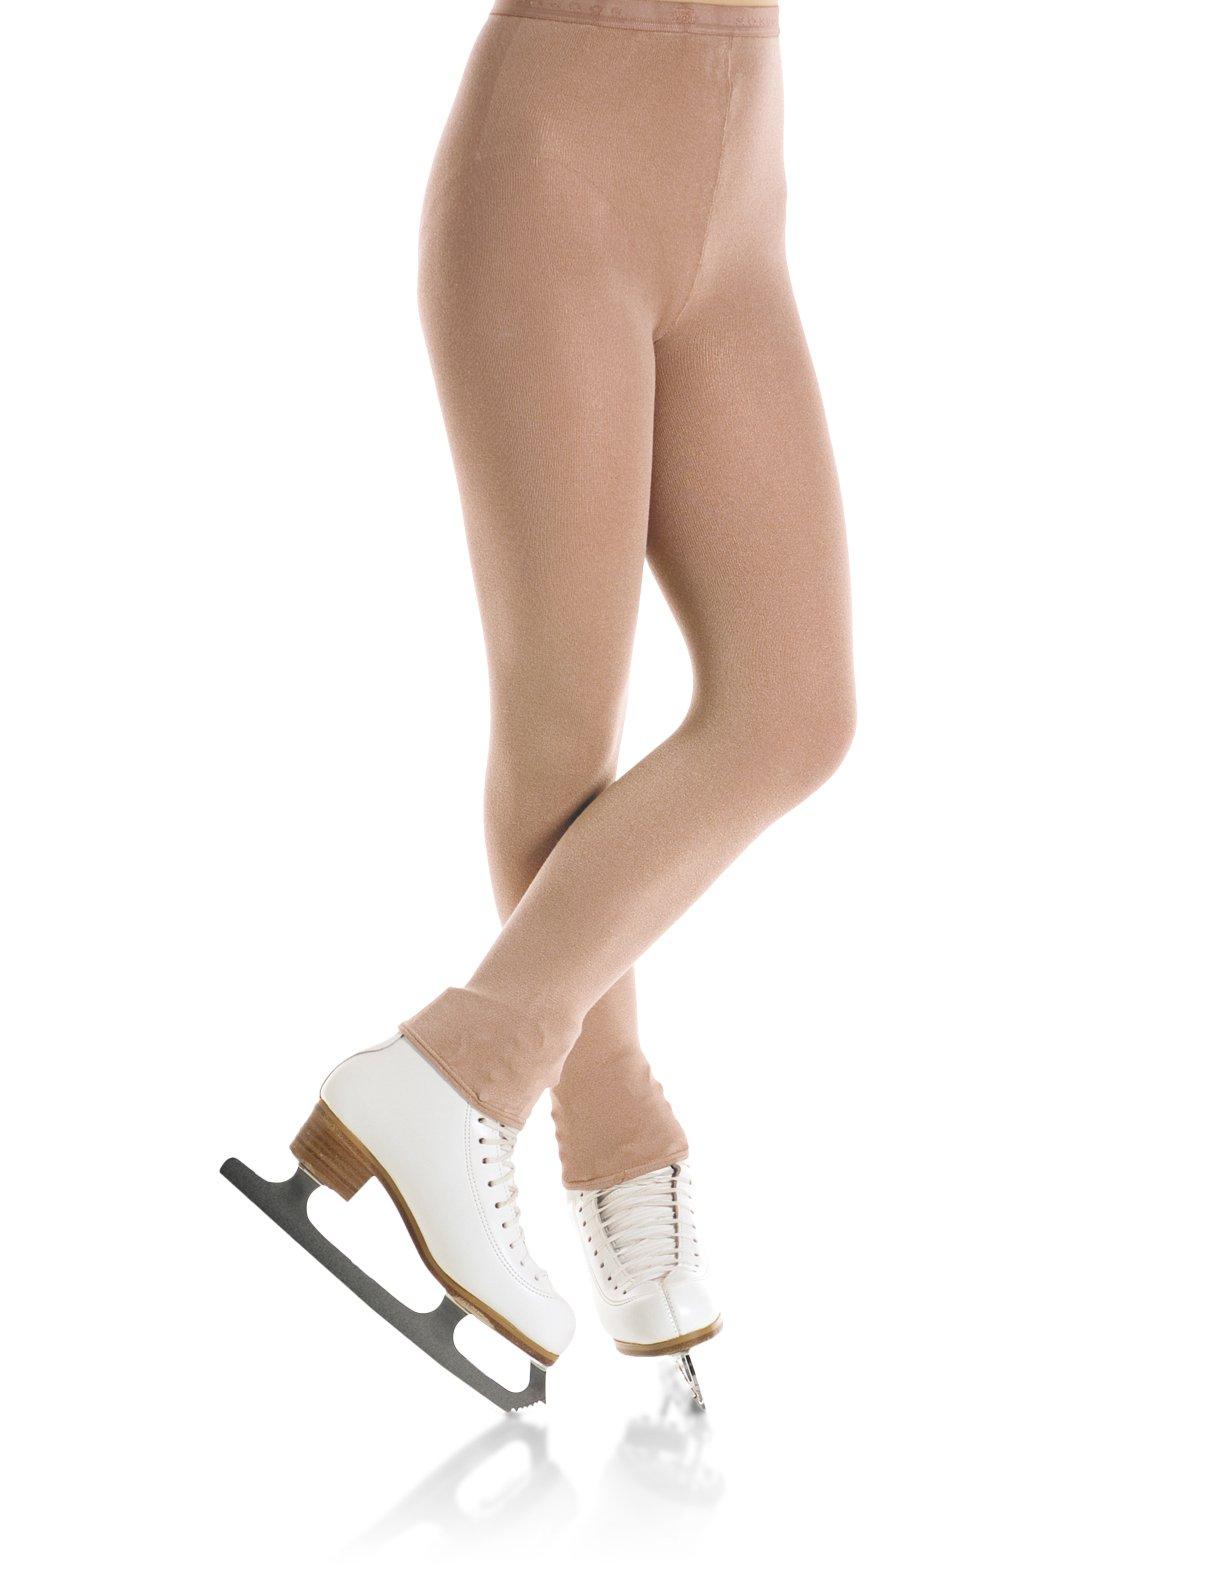 Child Footless Skating Tights - 3373 (12-14 Sun) by Mondor